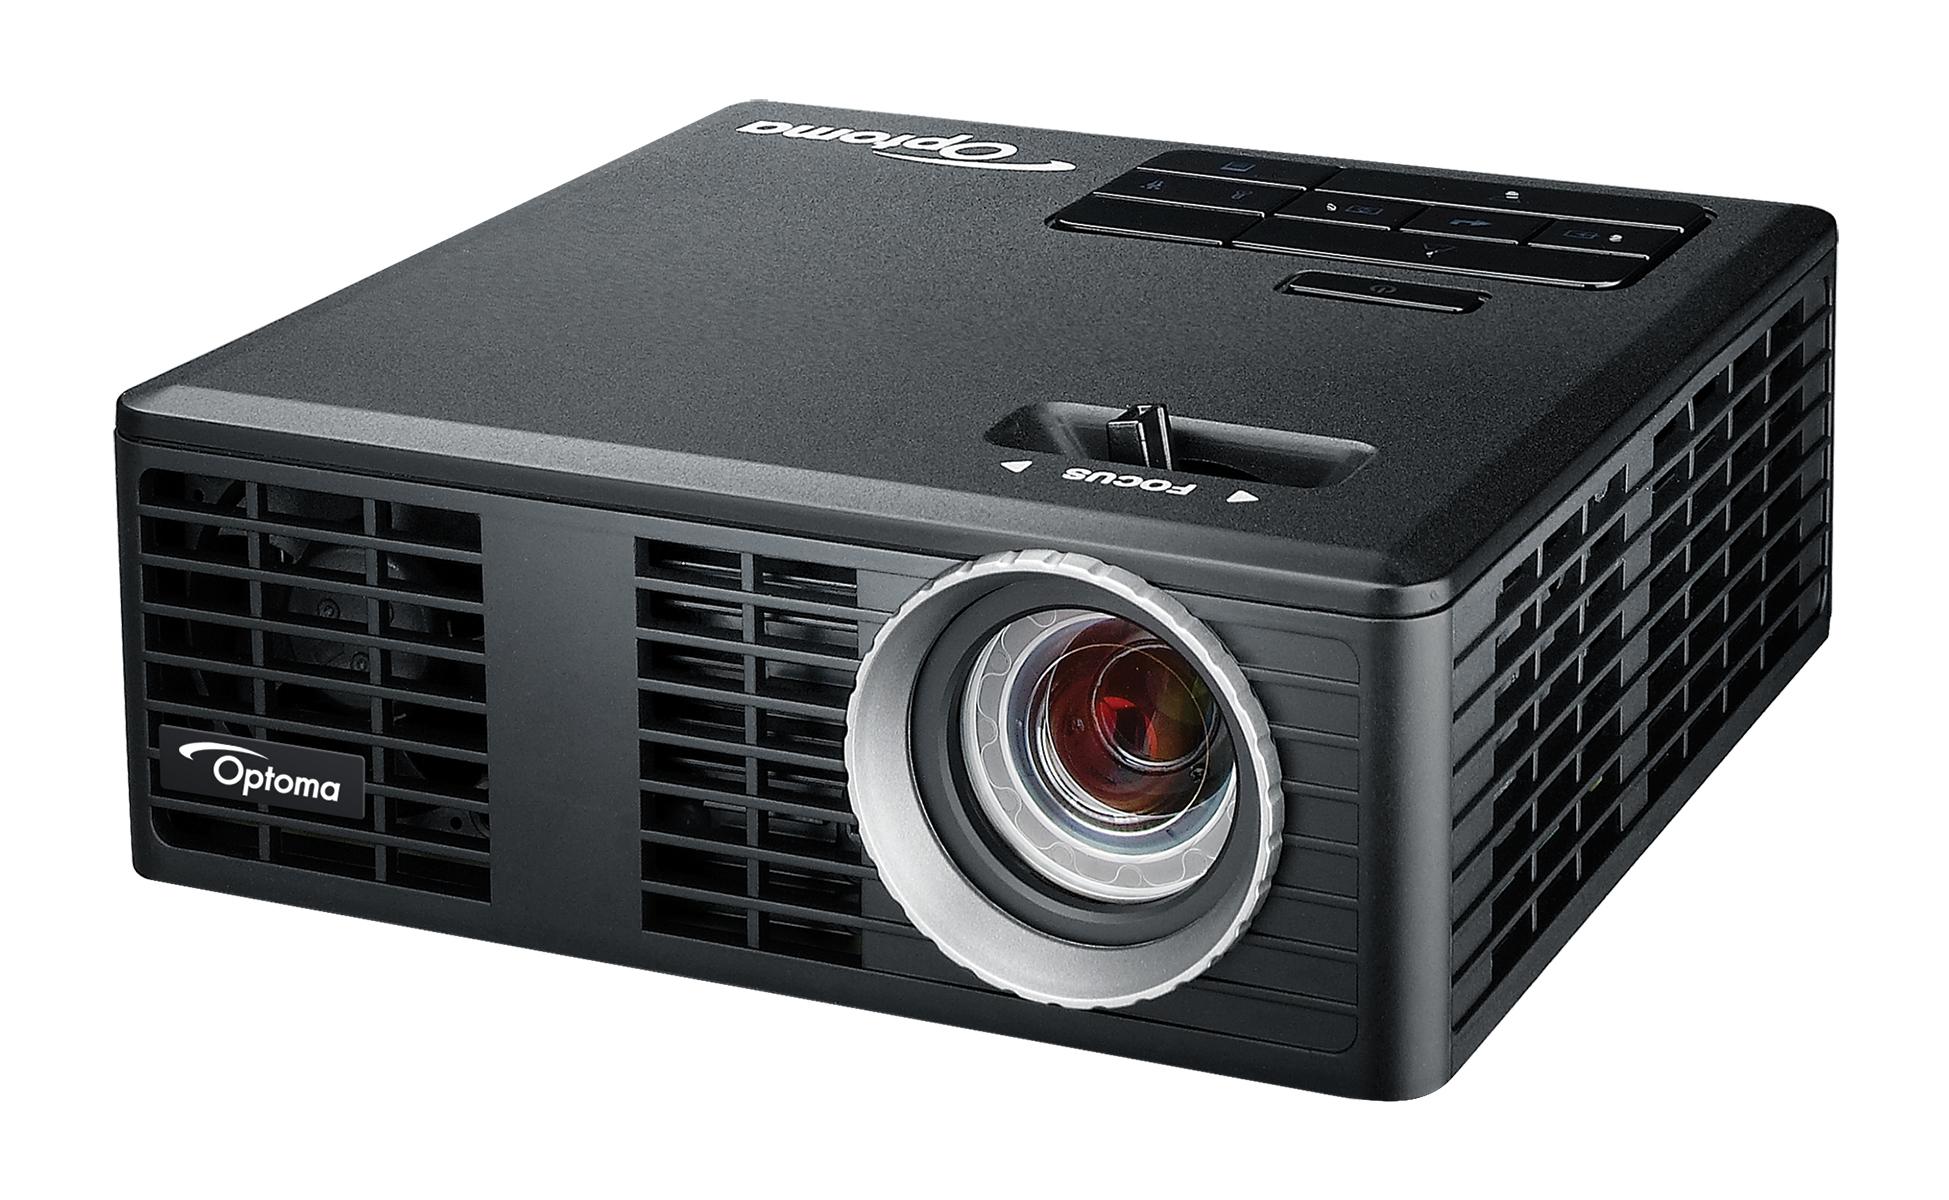 ML750e DLP projector (3D, 700 lumens, 1280 x 800, widescreen, HD 720p)